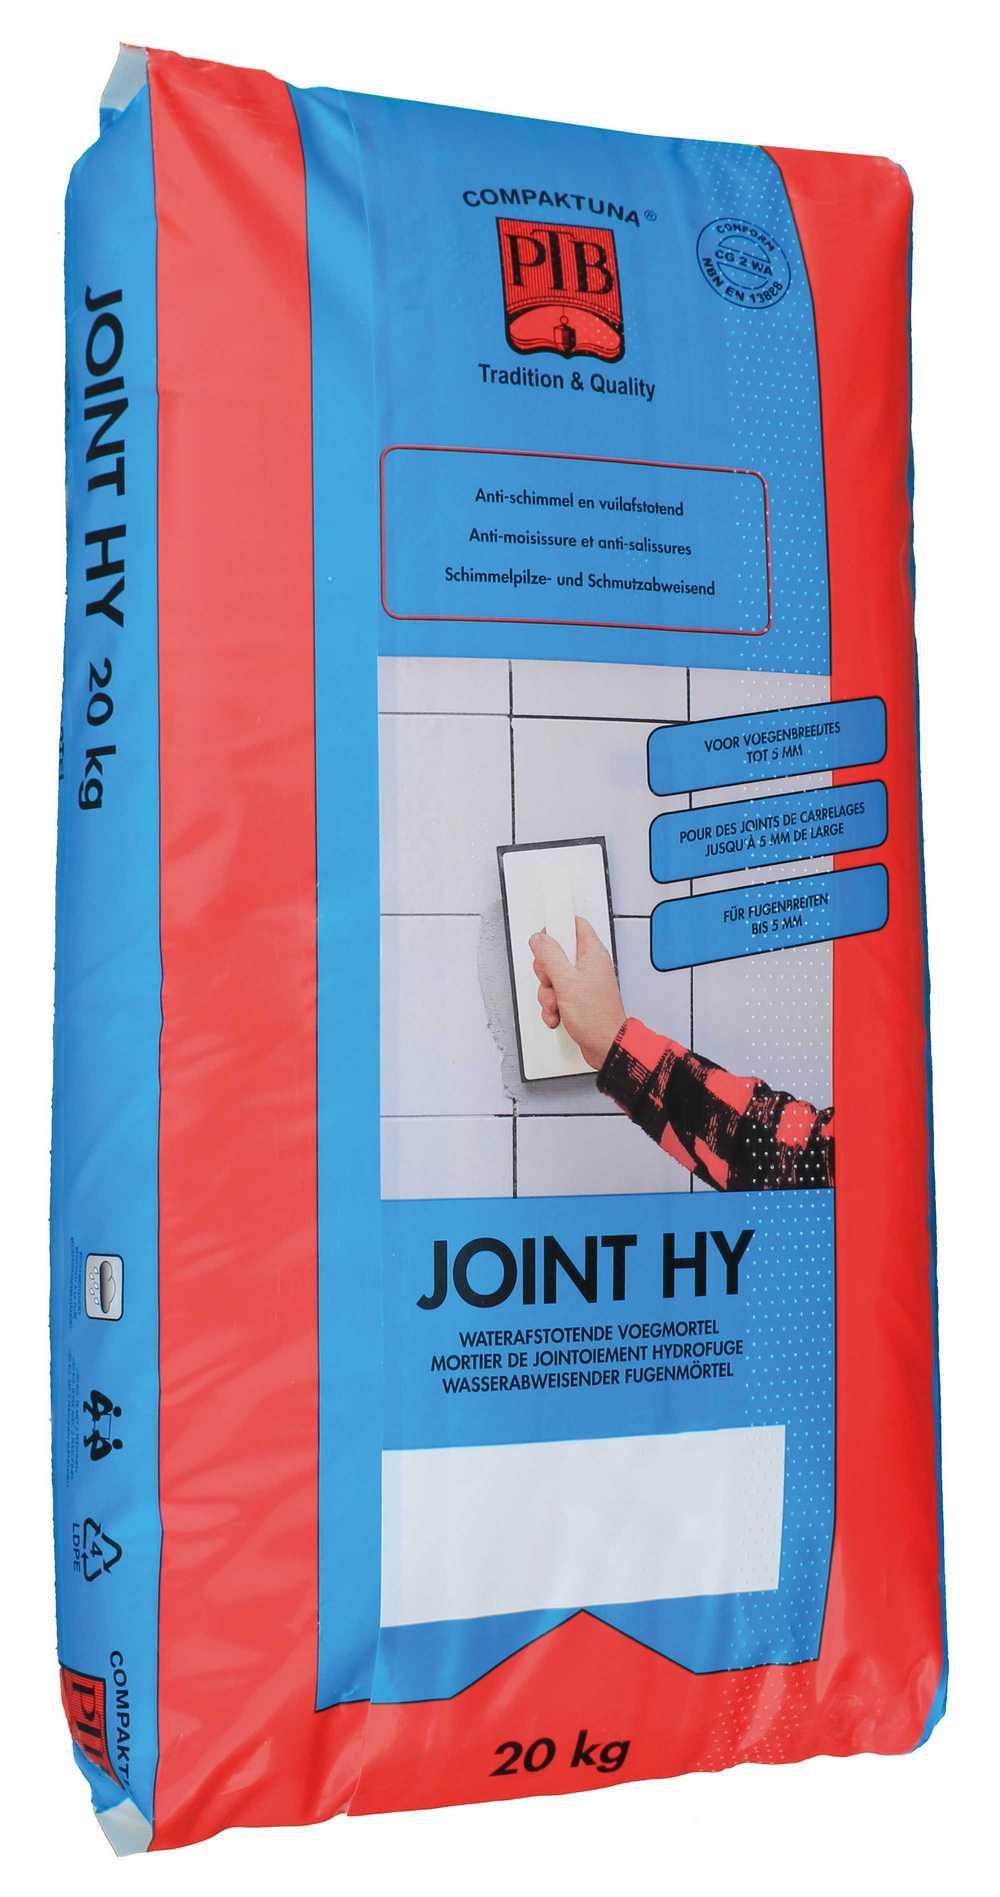 P.t.b.-joint Hy 20kg Cementgrijs